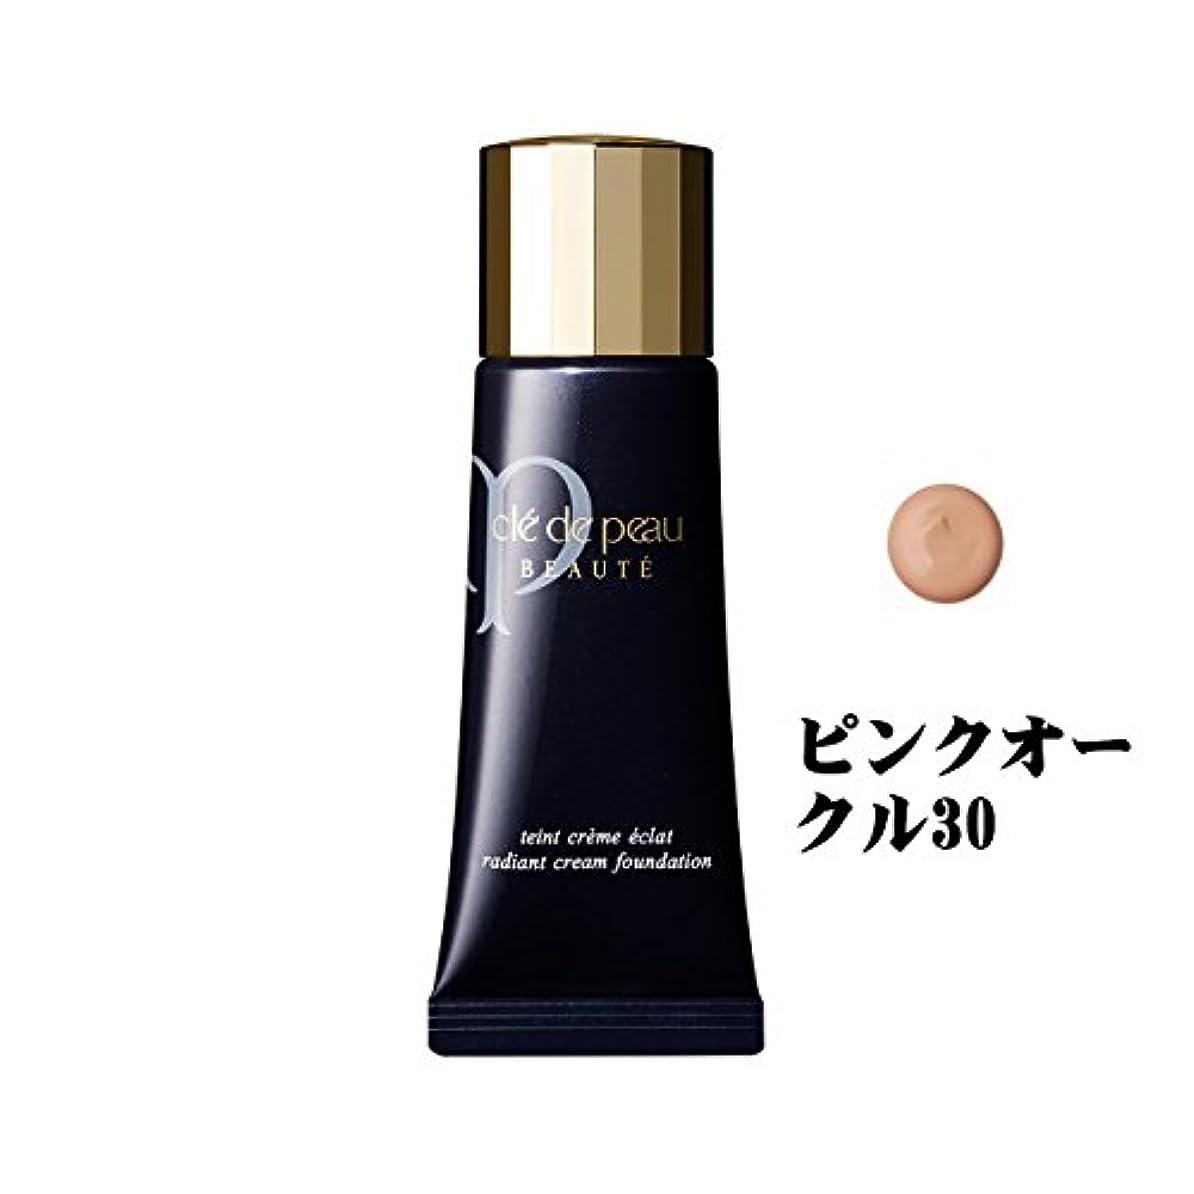 再生的開始教科書資生堂/shiseido クレドポーボーテ/CPB タンクレームエクラ クリームタイプ SPF25?PA++ ピンクオークル30